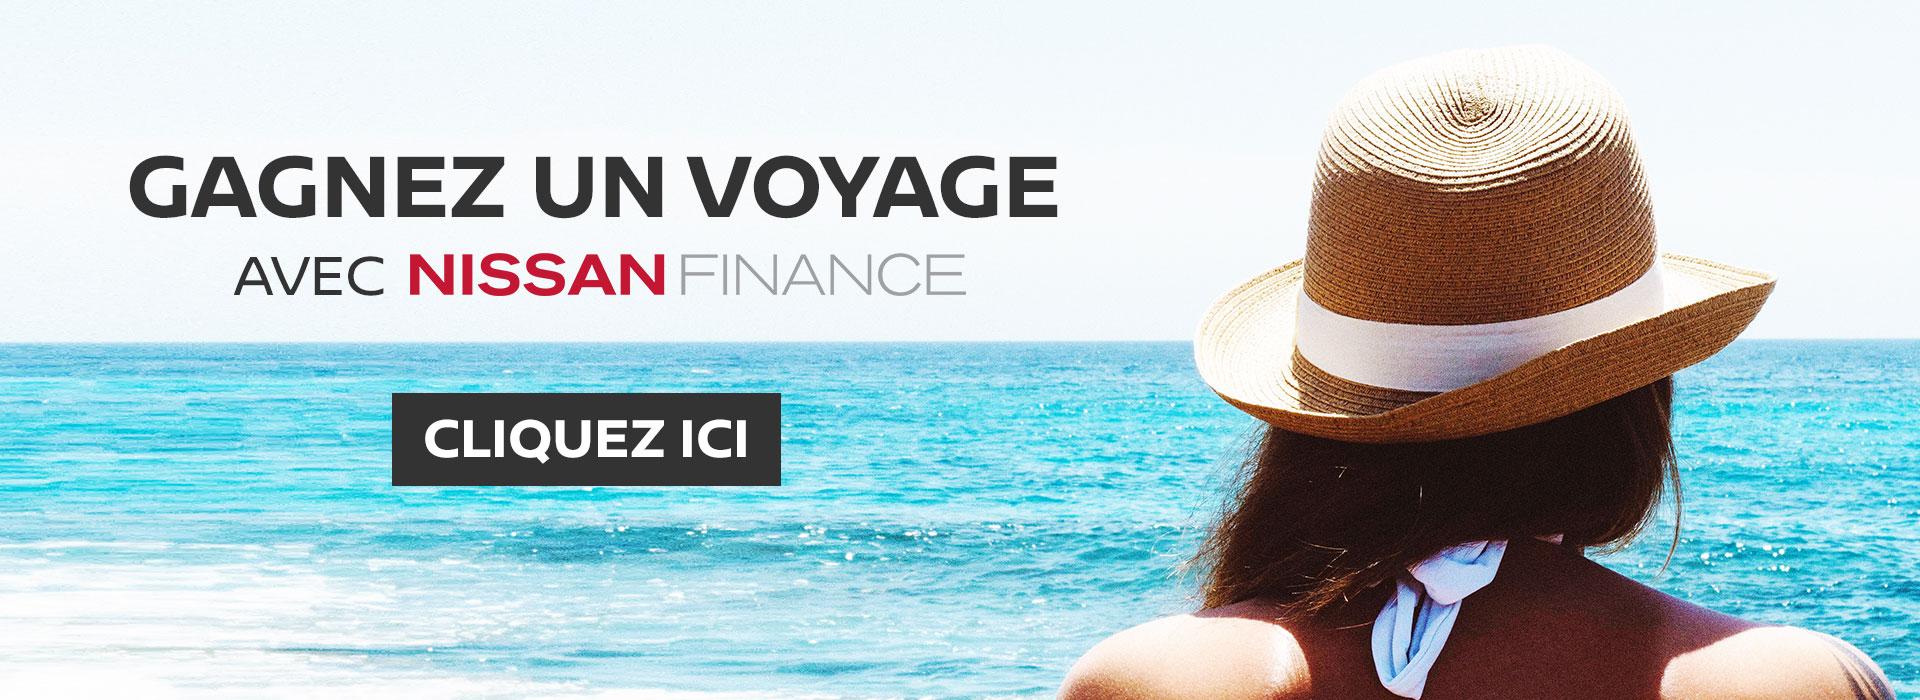 Voyage Nissan France